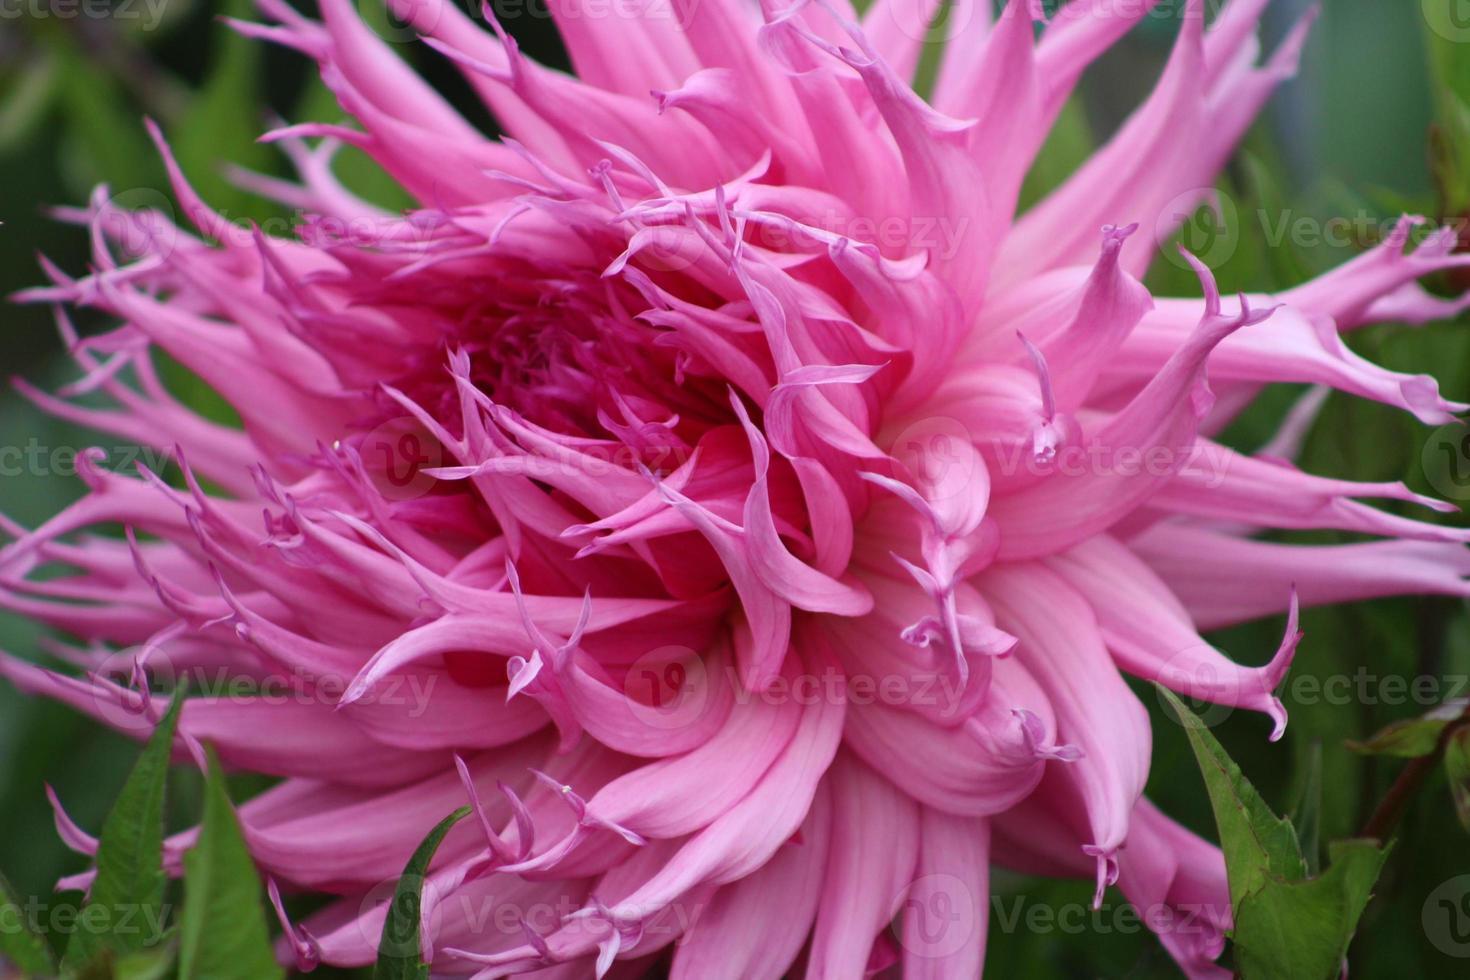 flor rosa close-up foto